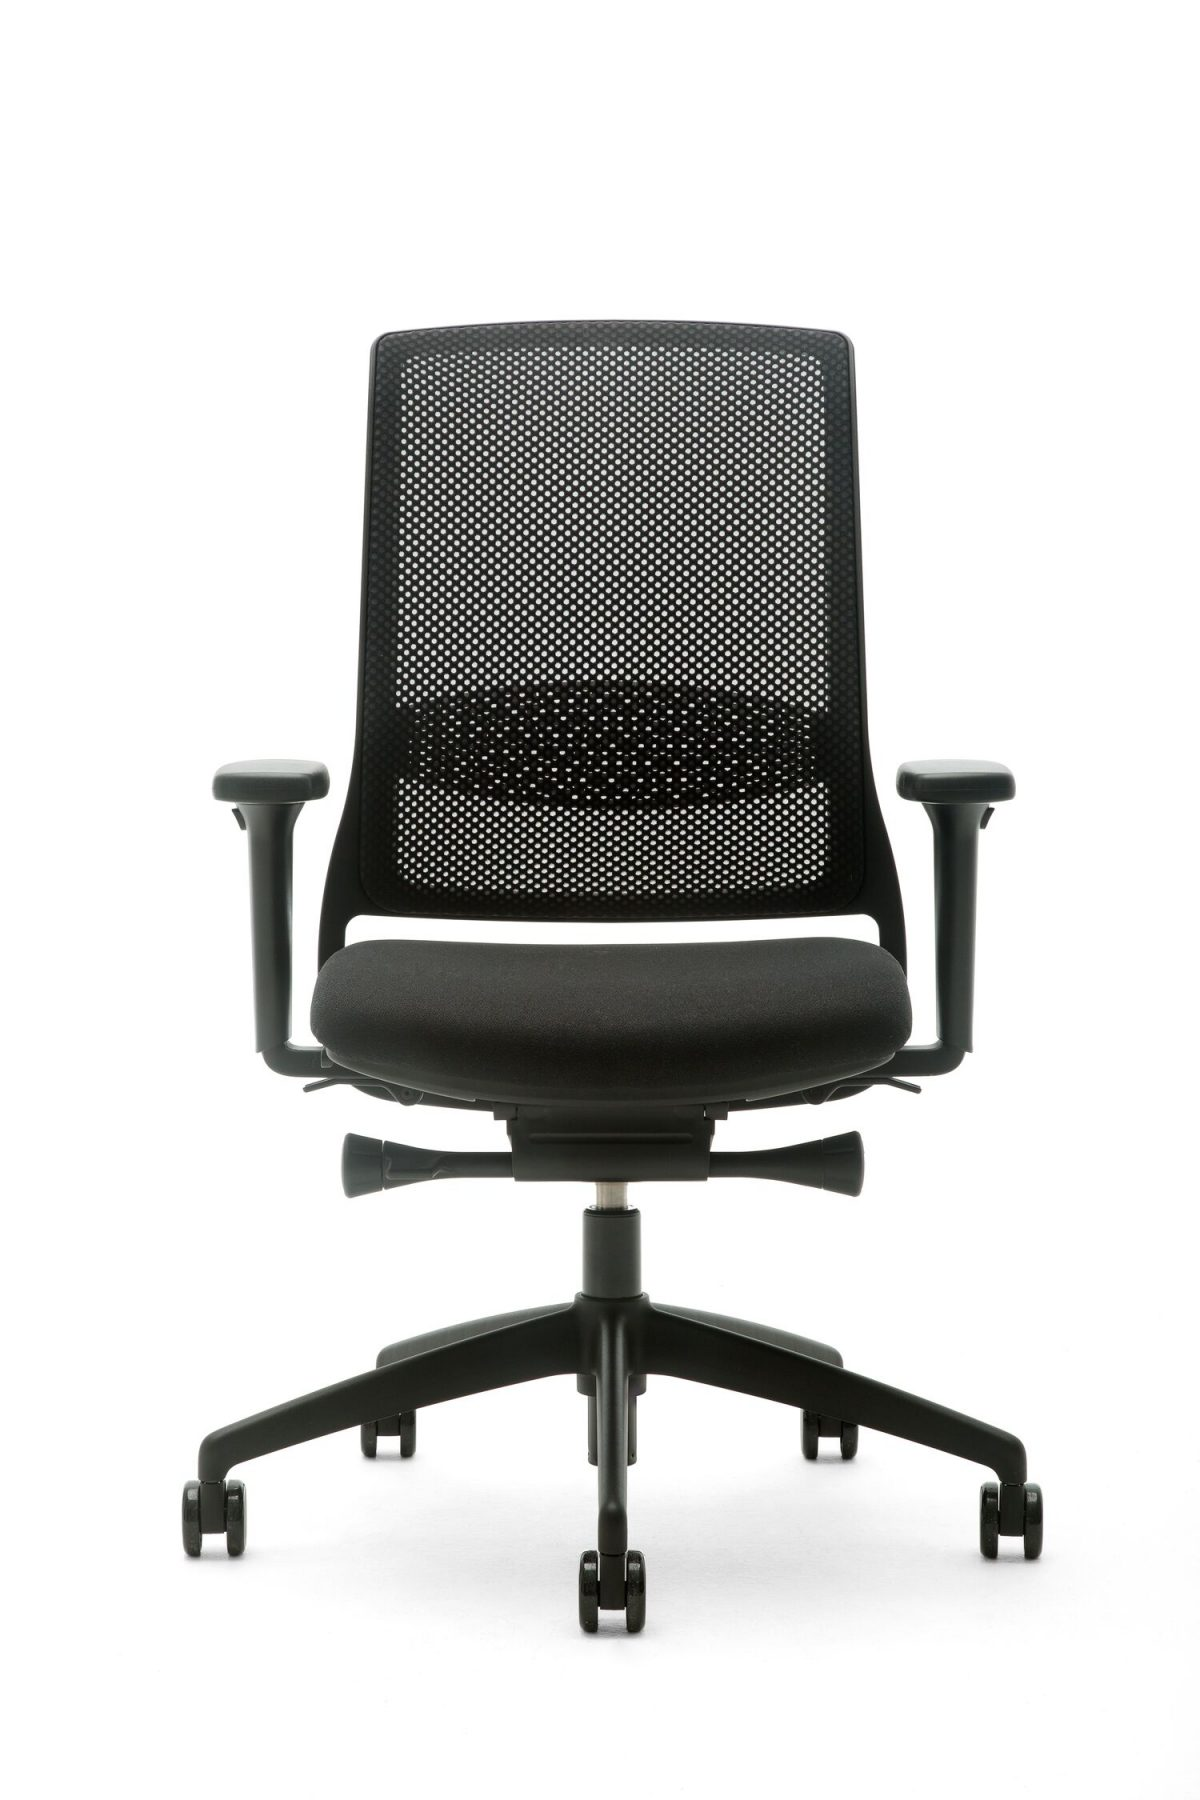 Gispen Zinn Smart Office Chair 35BK Front View Verstelbare Bureaustoel Dutchdesign Zwart Voetkruis